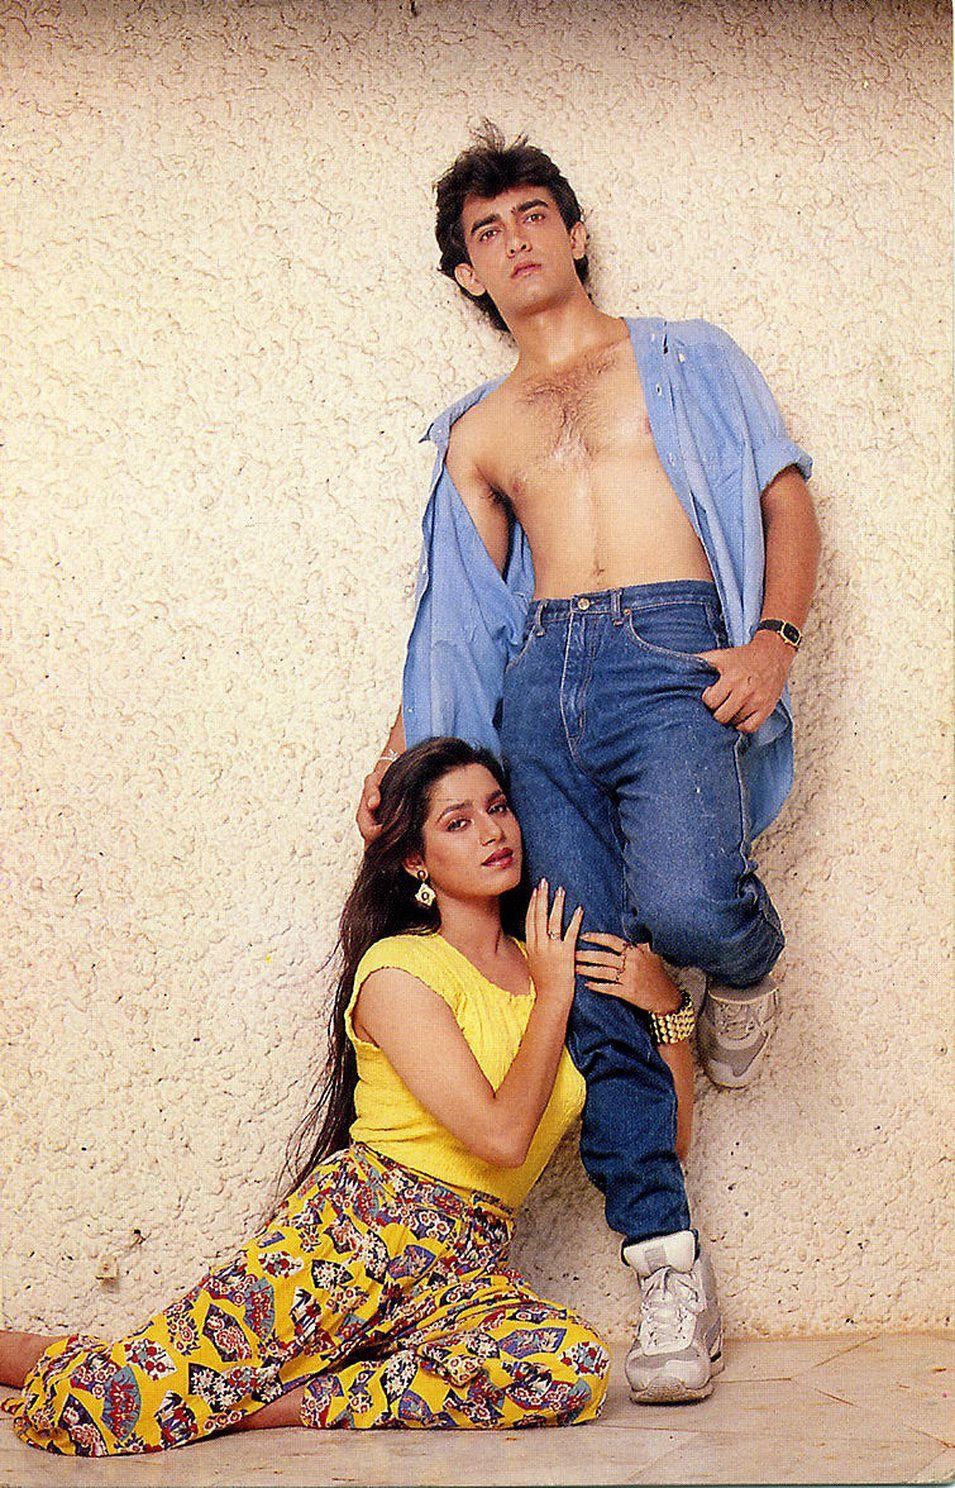 """Image result for aamir khan shirtless"""""""